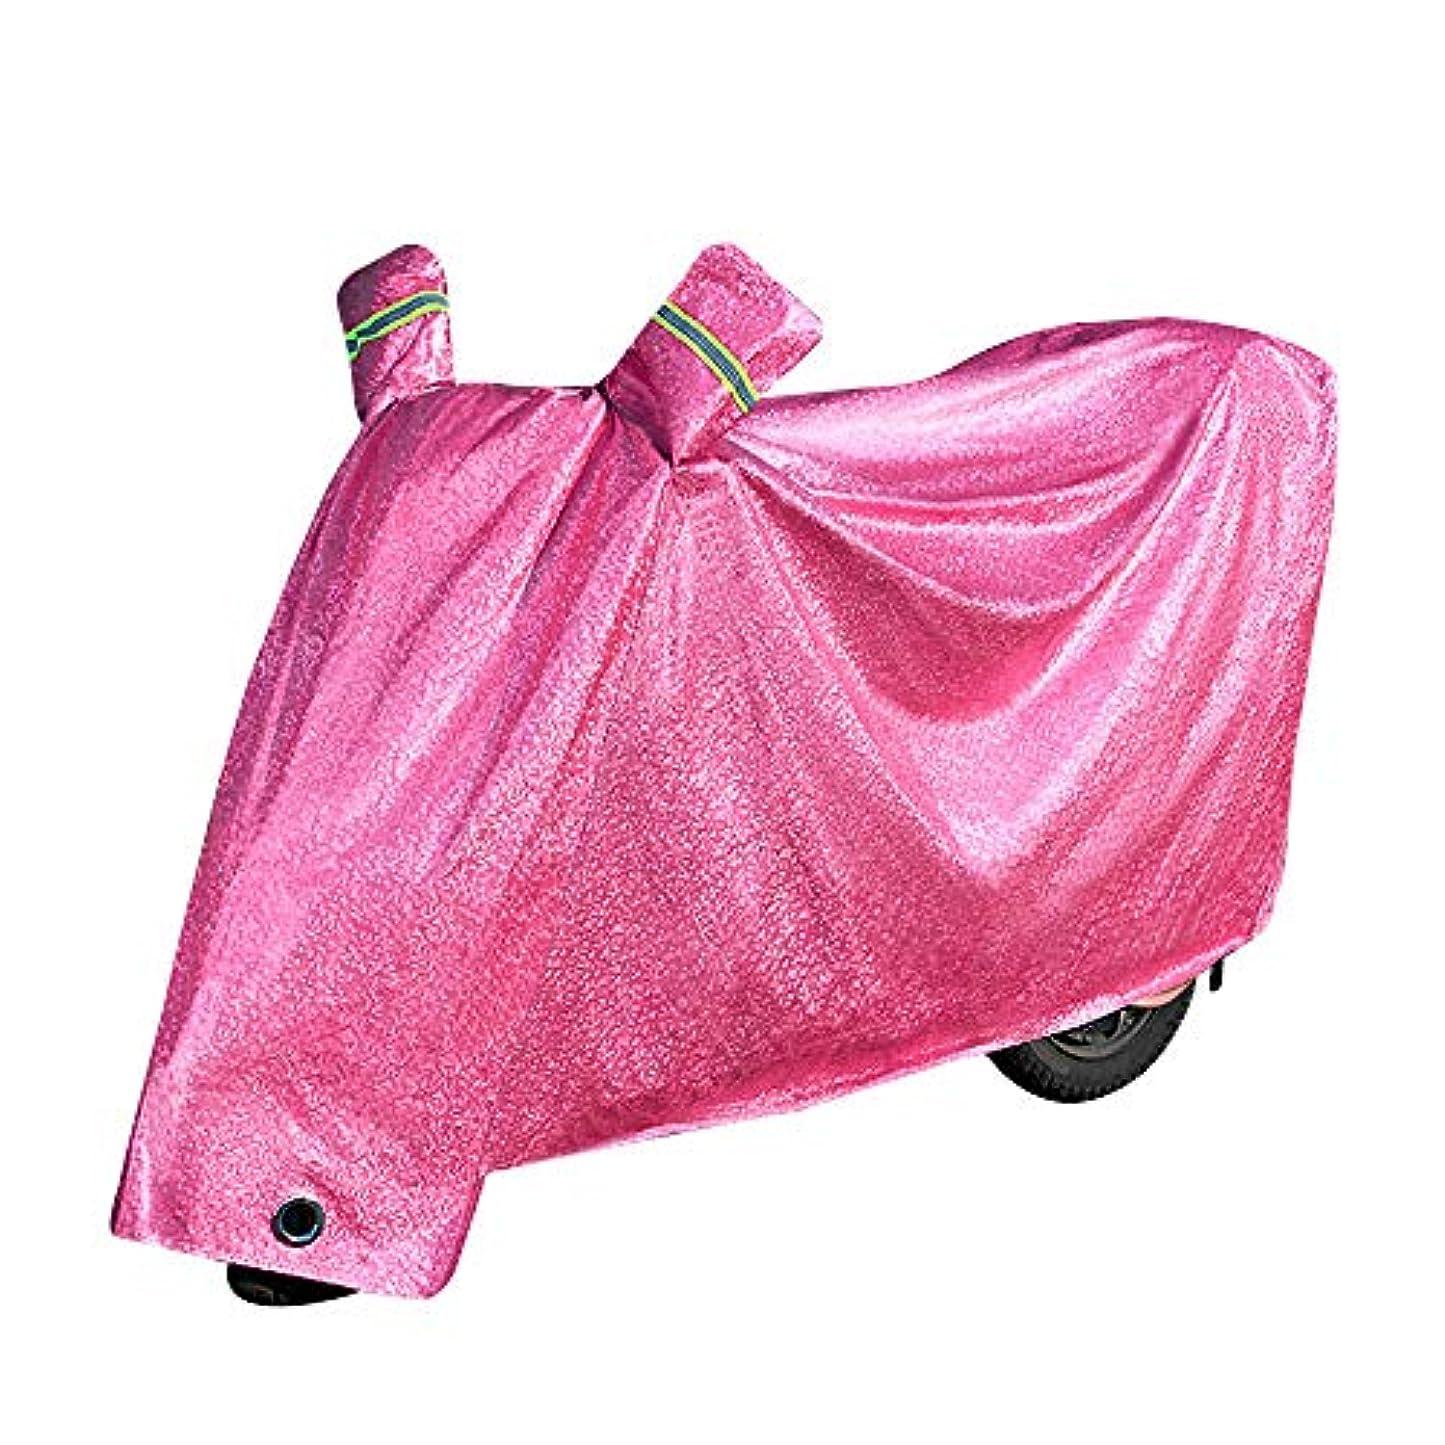 くるみ思想予防接種屋外防水カバー自転車、オートバイのカバー、涙厚肉化材料盗難防止用の穴が、風やほこり反射テープ、4色、